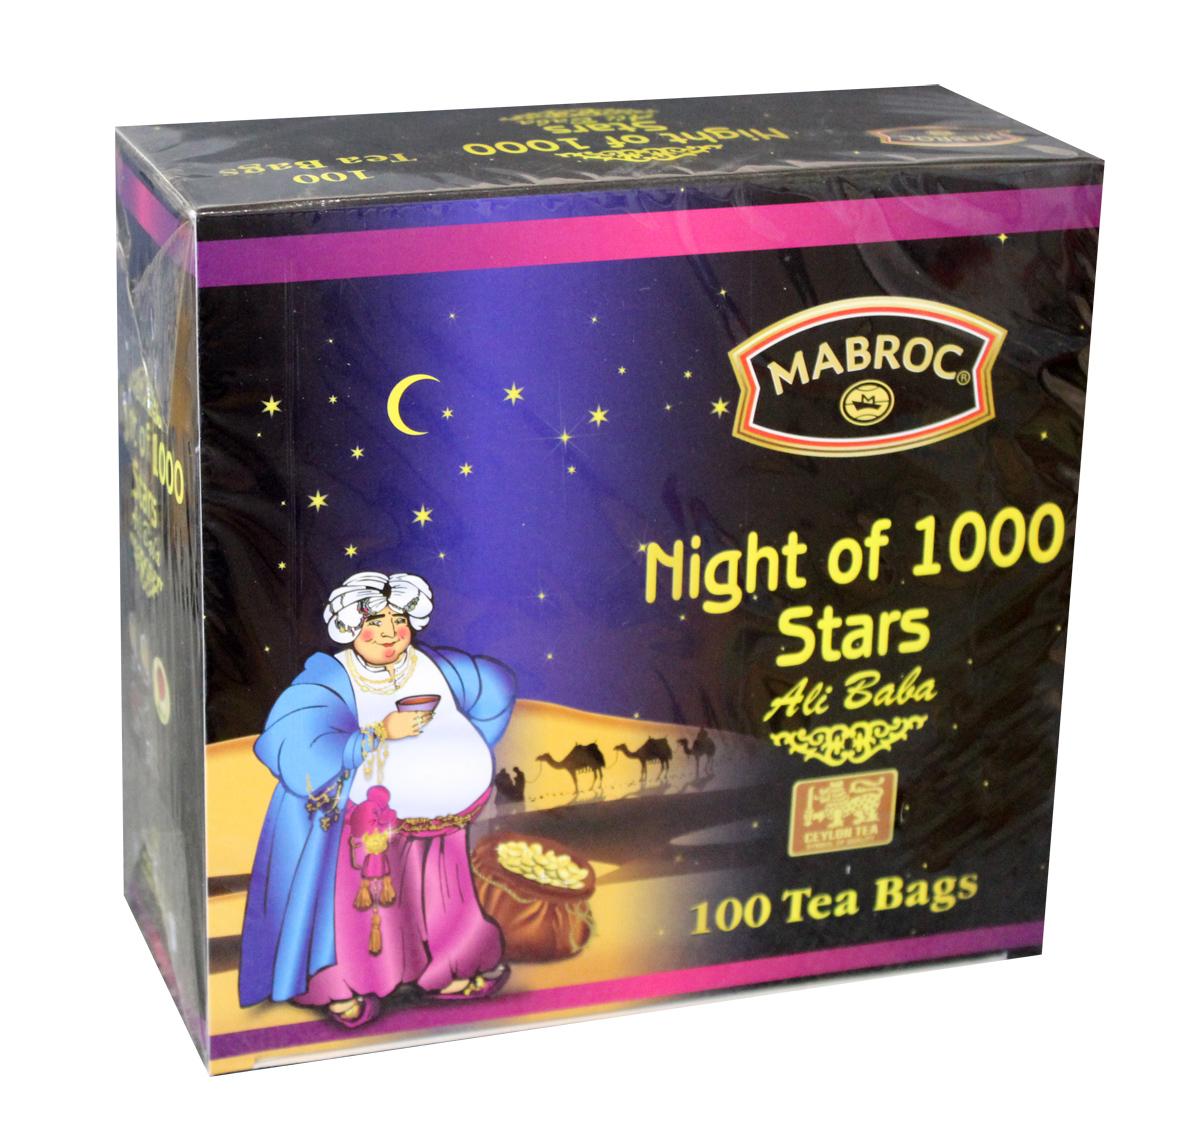 Mabroc Древние легенды. Ночь 1000 звезд чай черный в пакетиках, 100 шт4791029010854Коллекция «Древние легенды», Ночь 1000 звезд (1001 ночь). Эта коллекция является визитной карточкой Маброк и включает в себя наиболее престижные, известные и дорогие сорта. Это удивительный ассортимент чаев с плантаций Маброк, со вкусом, одновременно подходящим для сибирского климата и передающий изысканный вкус Востока.Смесь черного и зеленого чай с ароматом клубники, с цветами апельсина, ноготков, лепестками роз.Это превосходное сочетание черного чая, выращенного в низинных районах Сабарагамувы, и зеленого, растущего высоко в горах Нувара Элии. Прохлада ветров и солнечного тепло, которым ласково укутаны все растения этого района дарит чаю особенный сладкий вкус, усиленный клубничной вытяжкой, лепестками розы и ноготков.